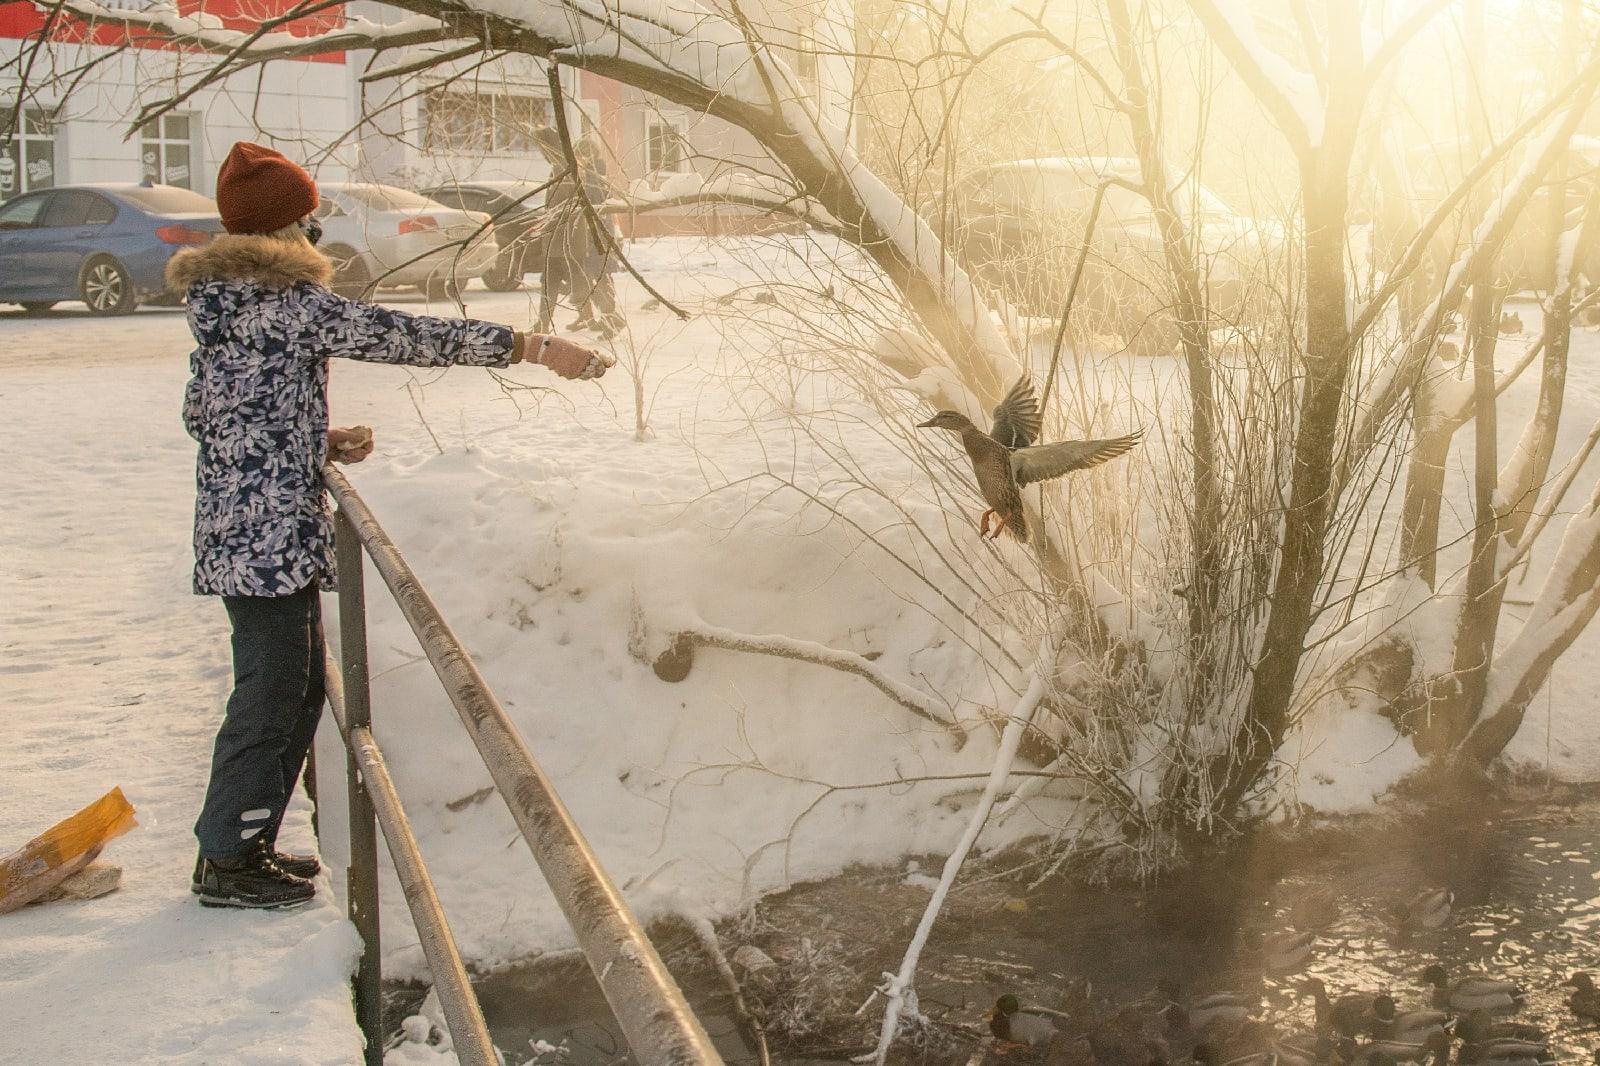 В Тверской области за неделю пересчитали уточек